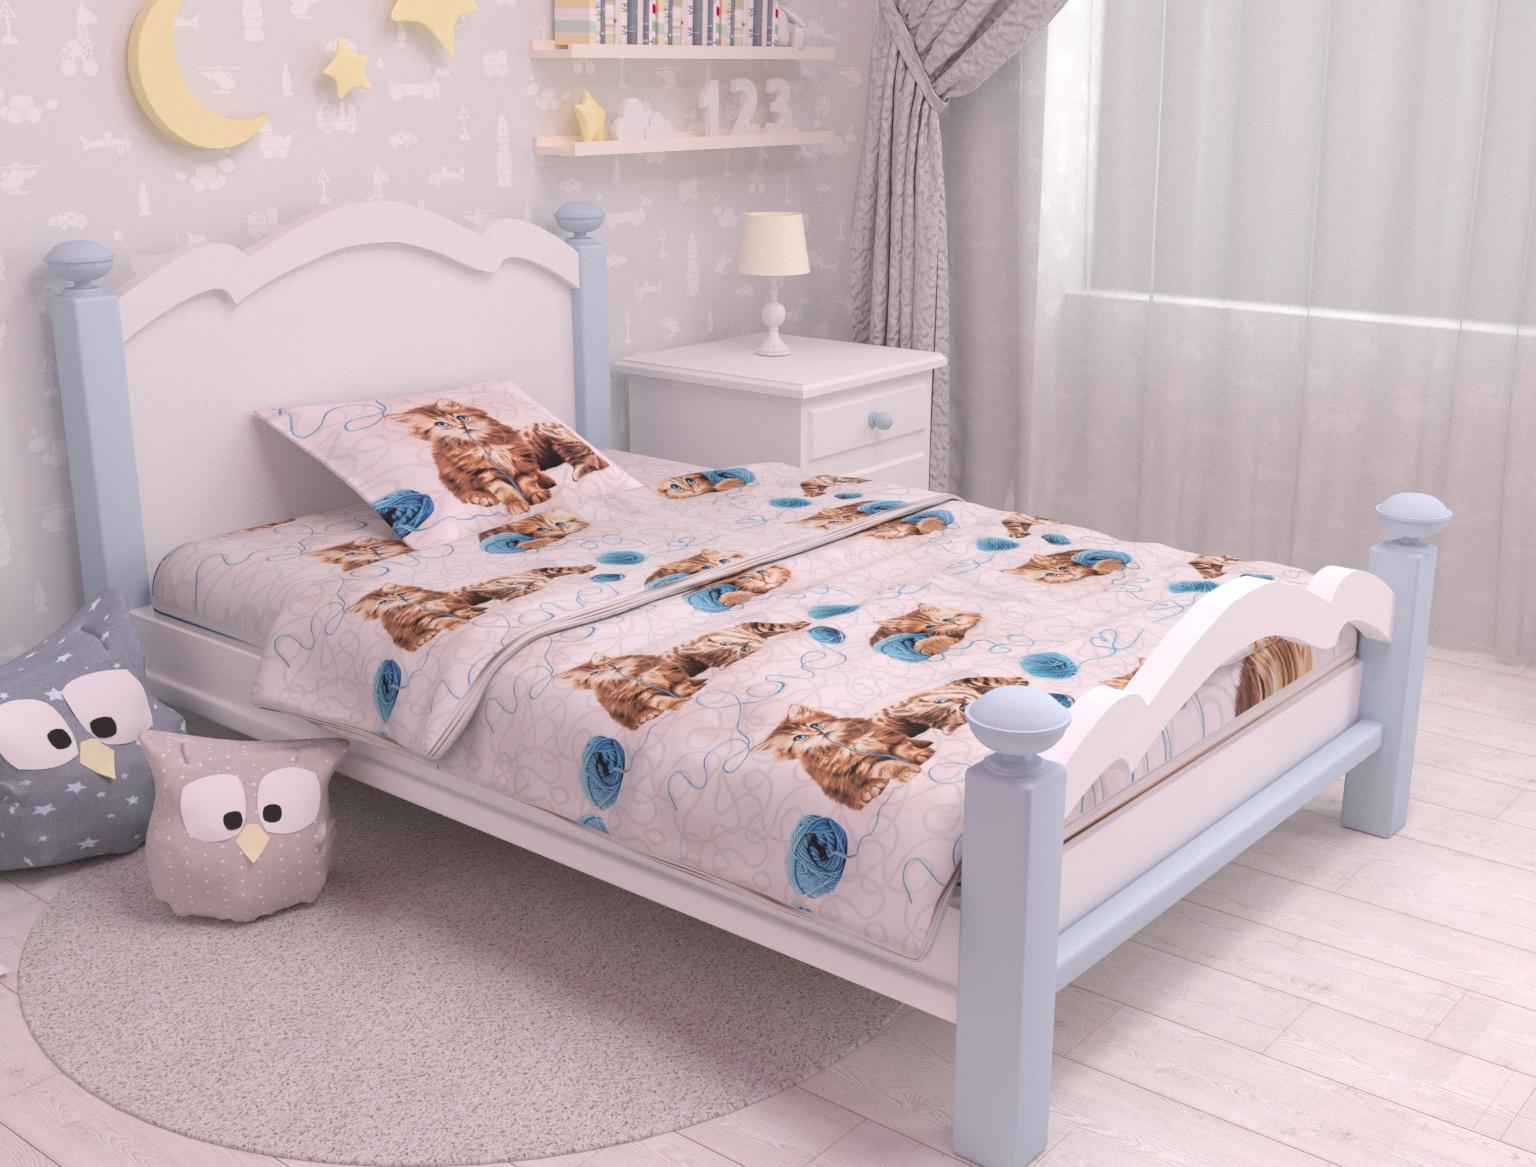 цена Постельное белье Зона сна белый,голубой 166-KPB701,5R-ZS Полутороспальный онлайн в 2017 году